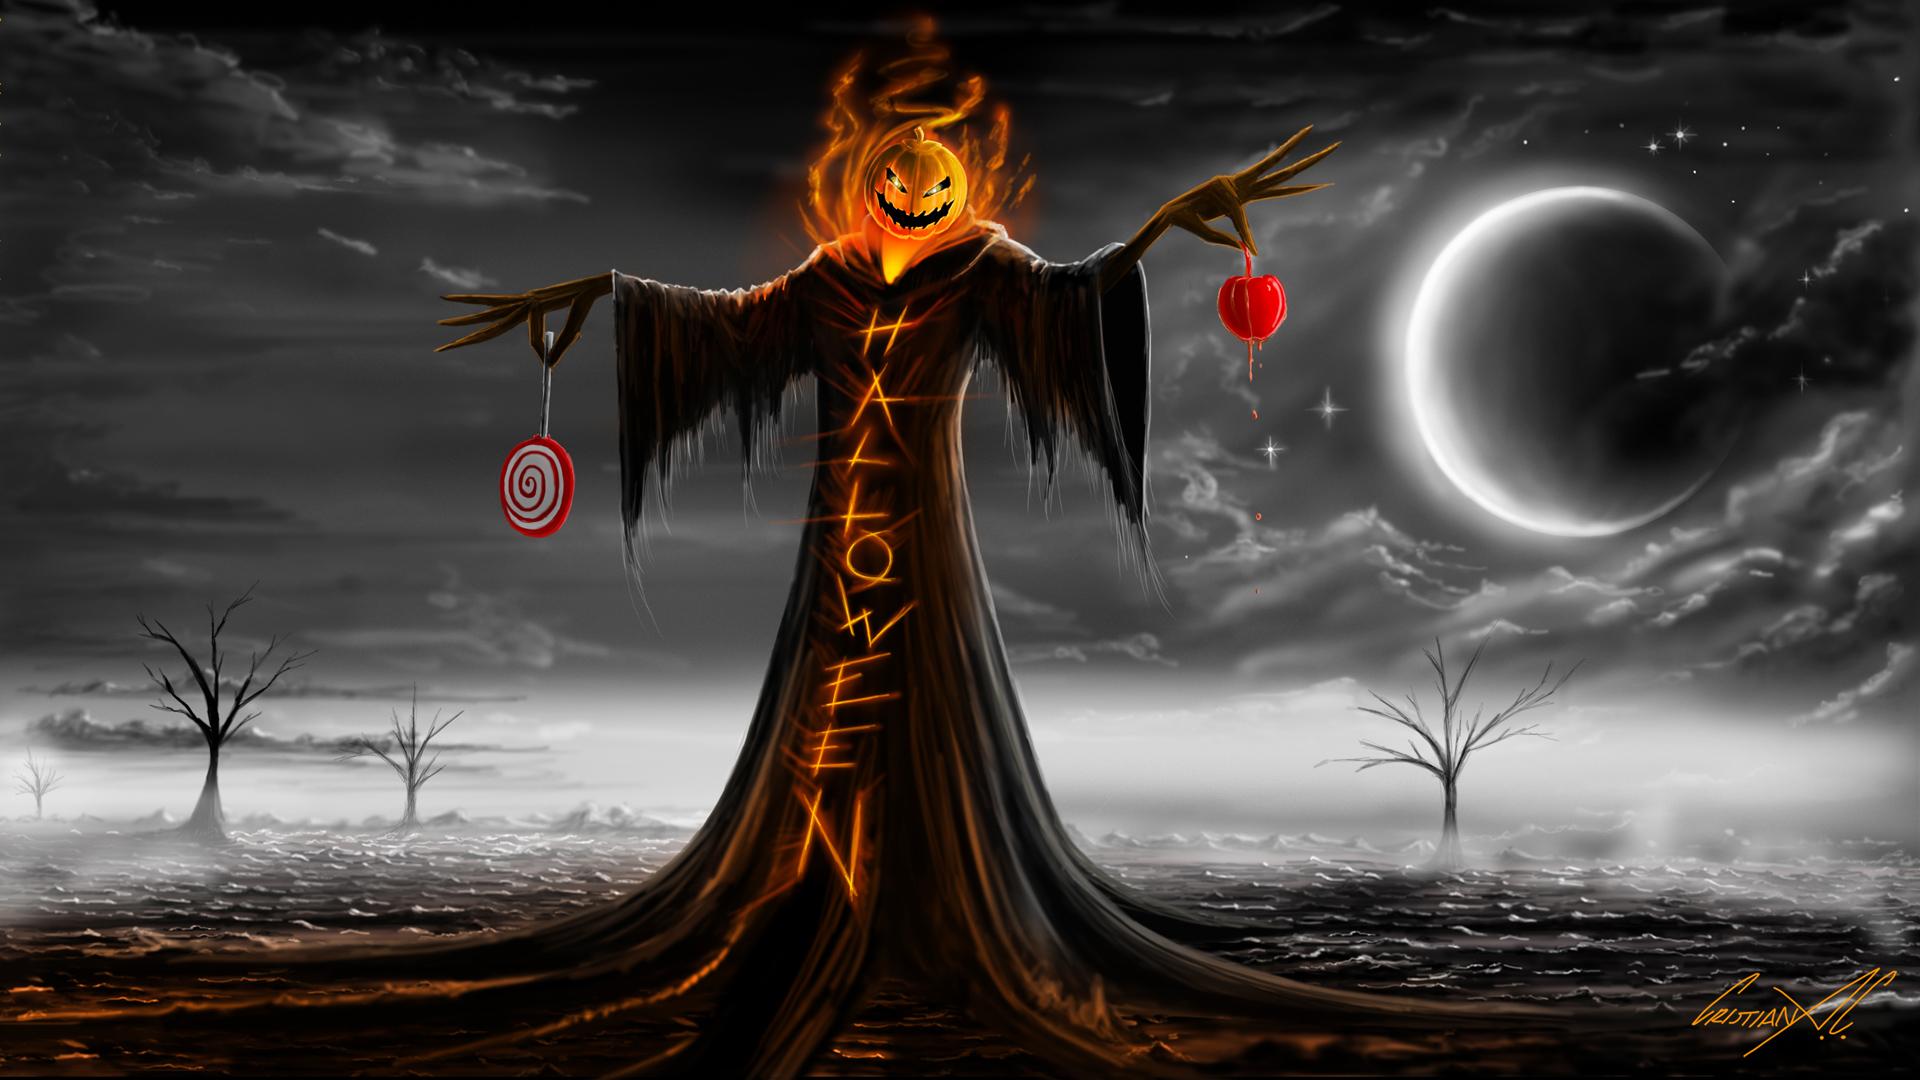 halloween wallpapers full hd aa